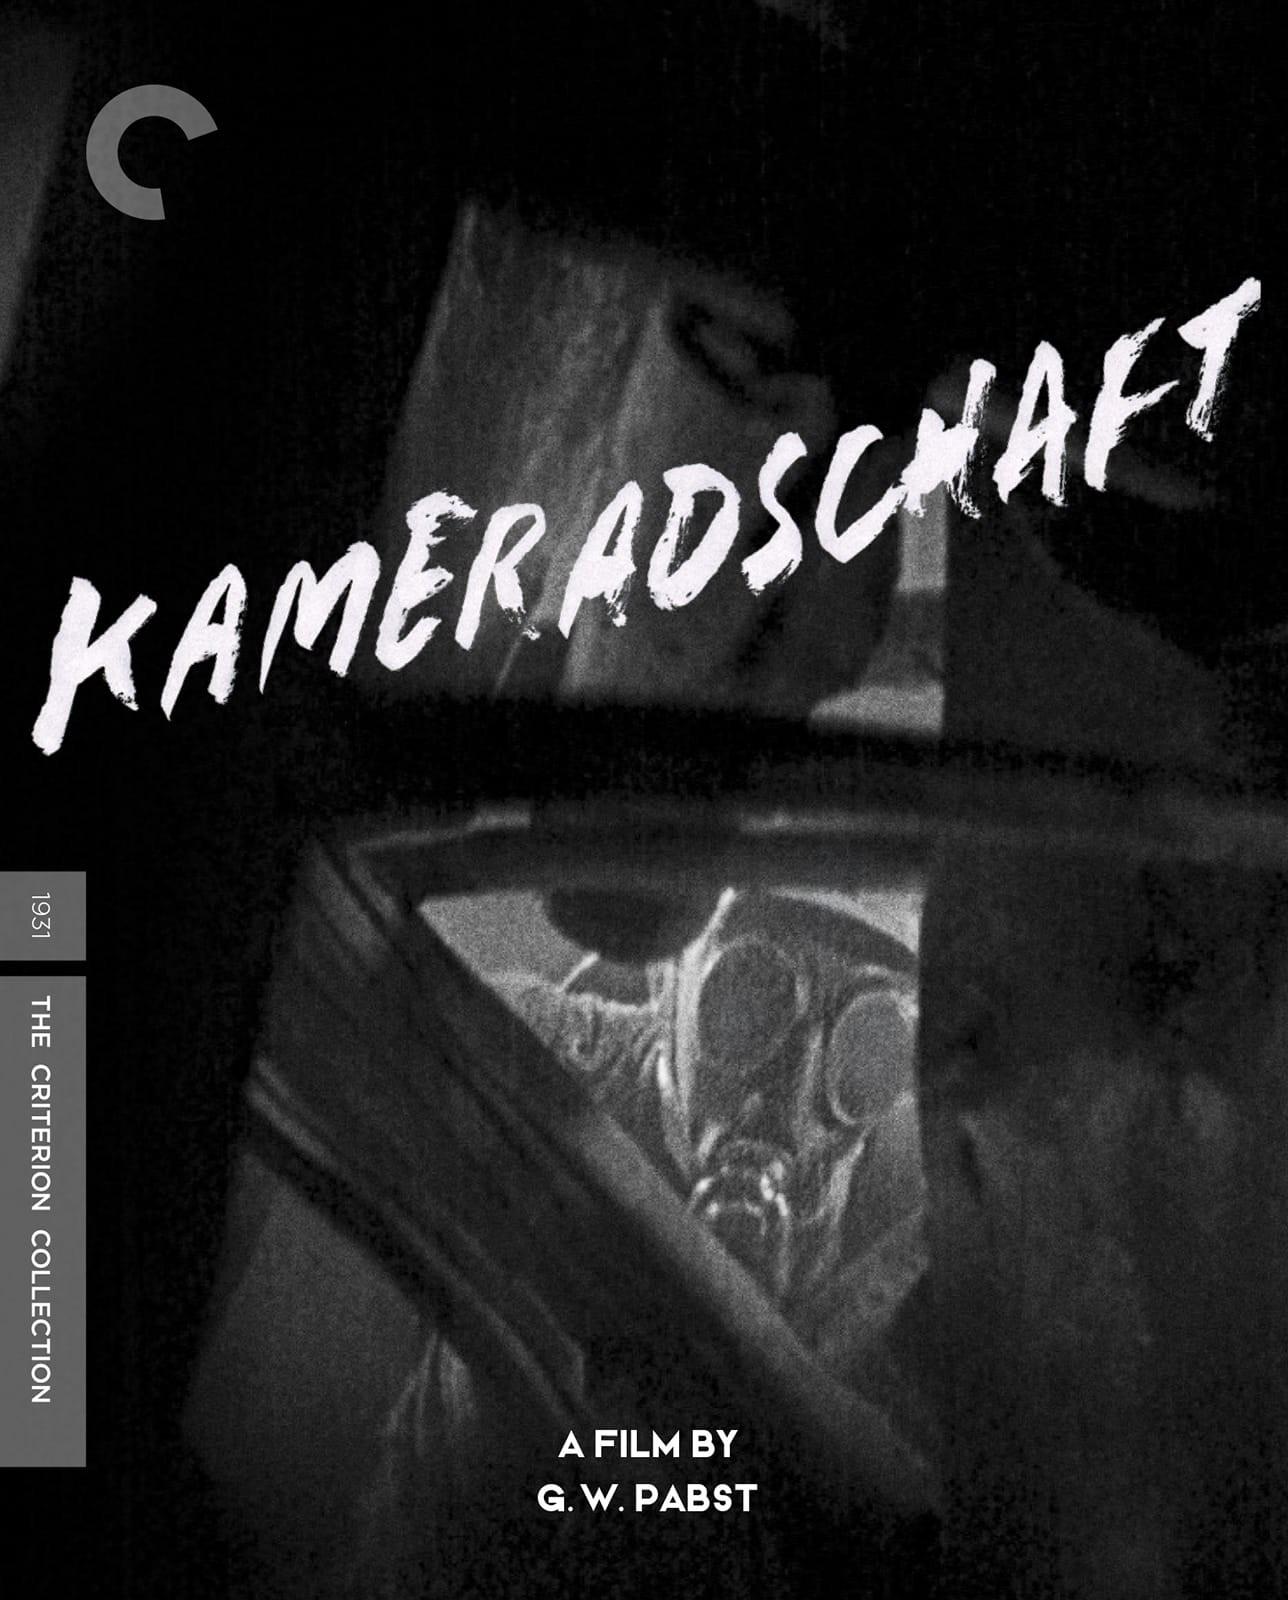 Image result for Kameradschaft